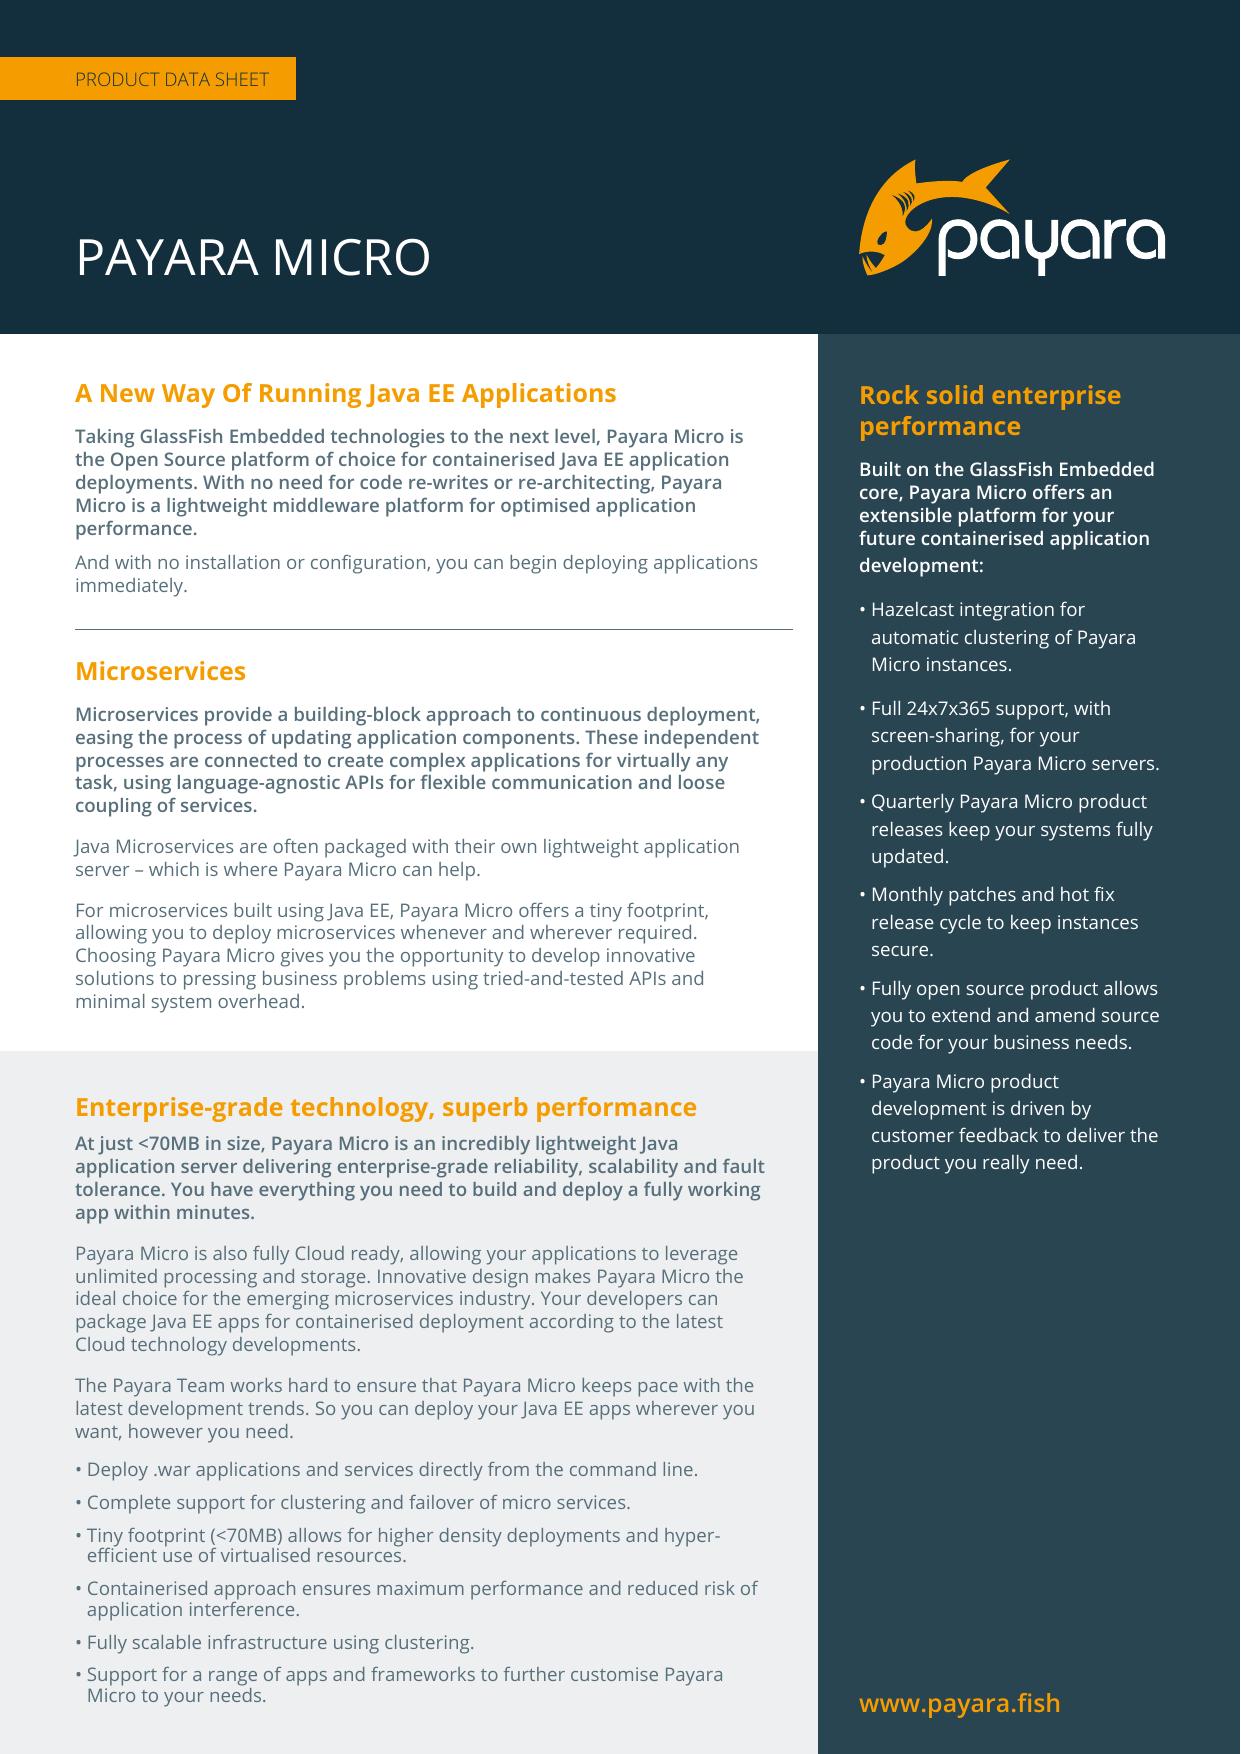 PAYARA MICRO A New Way Of Running Java EE Applications performance